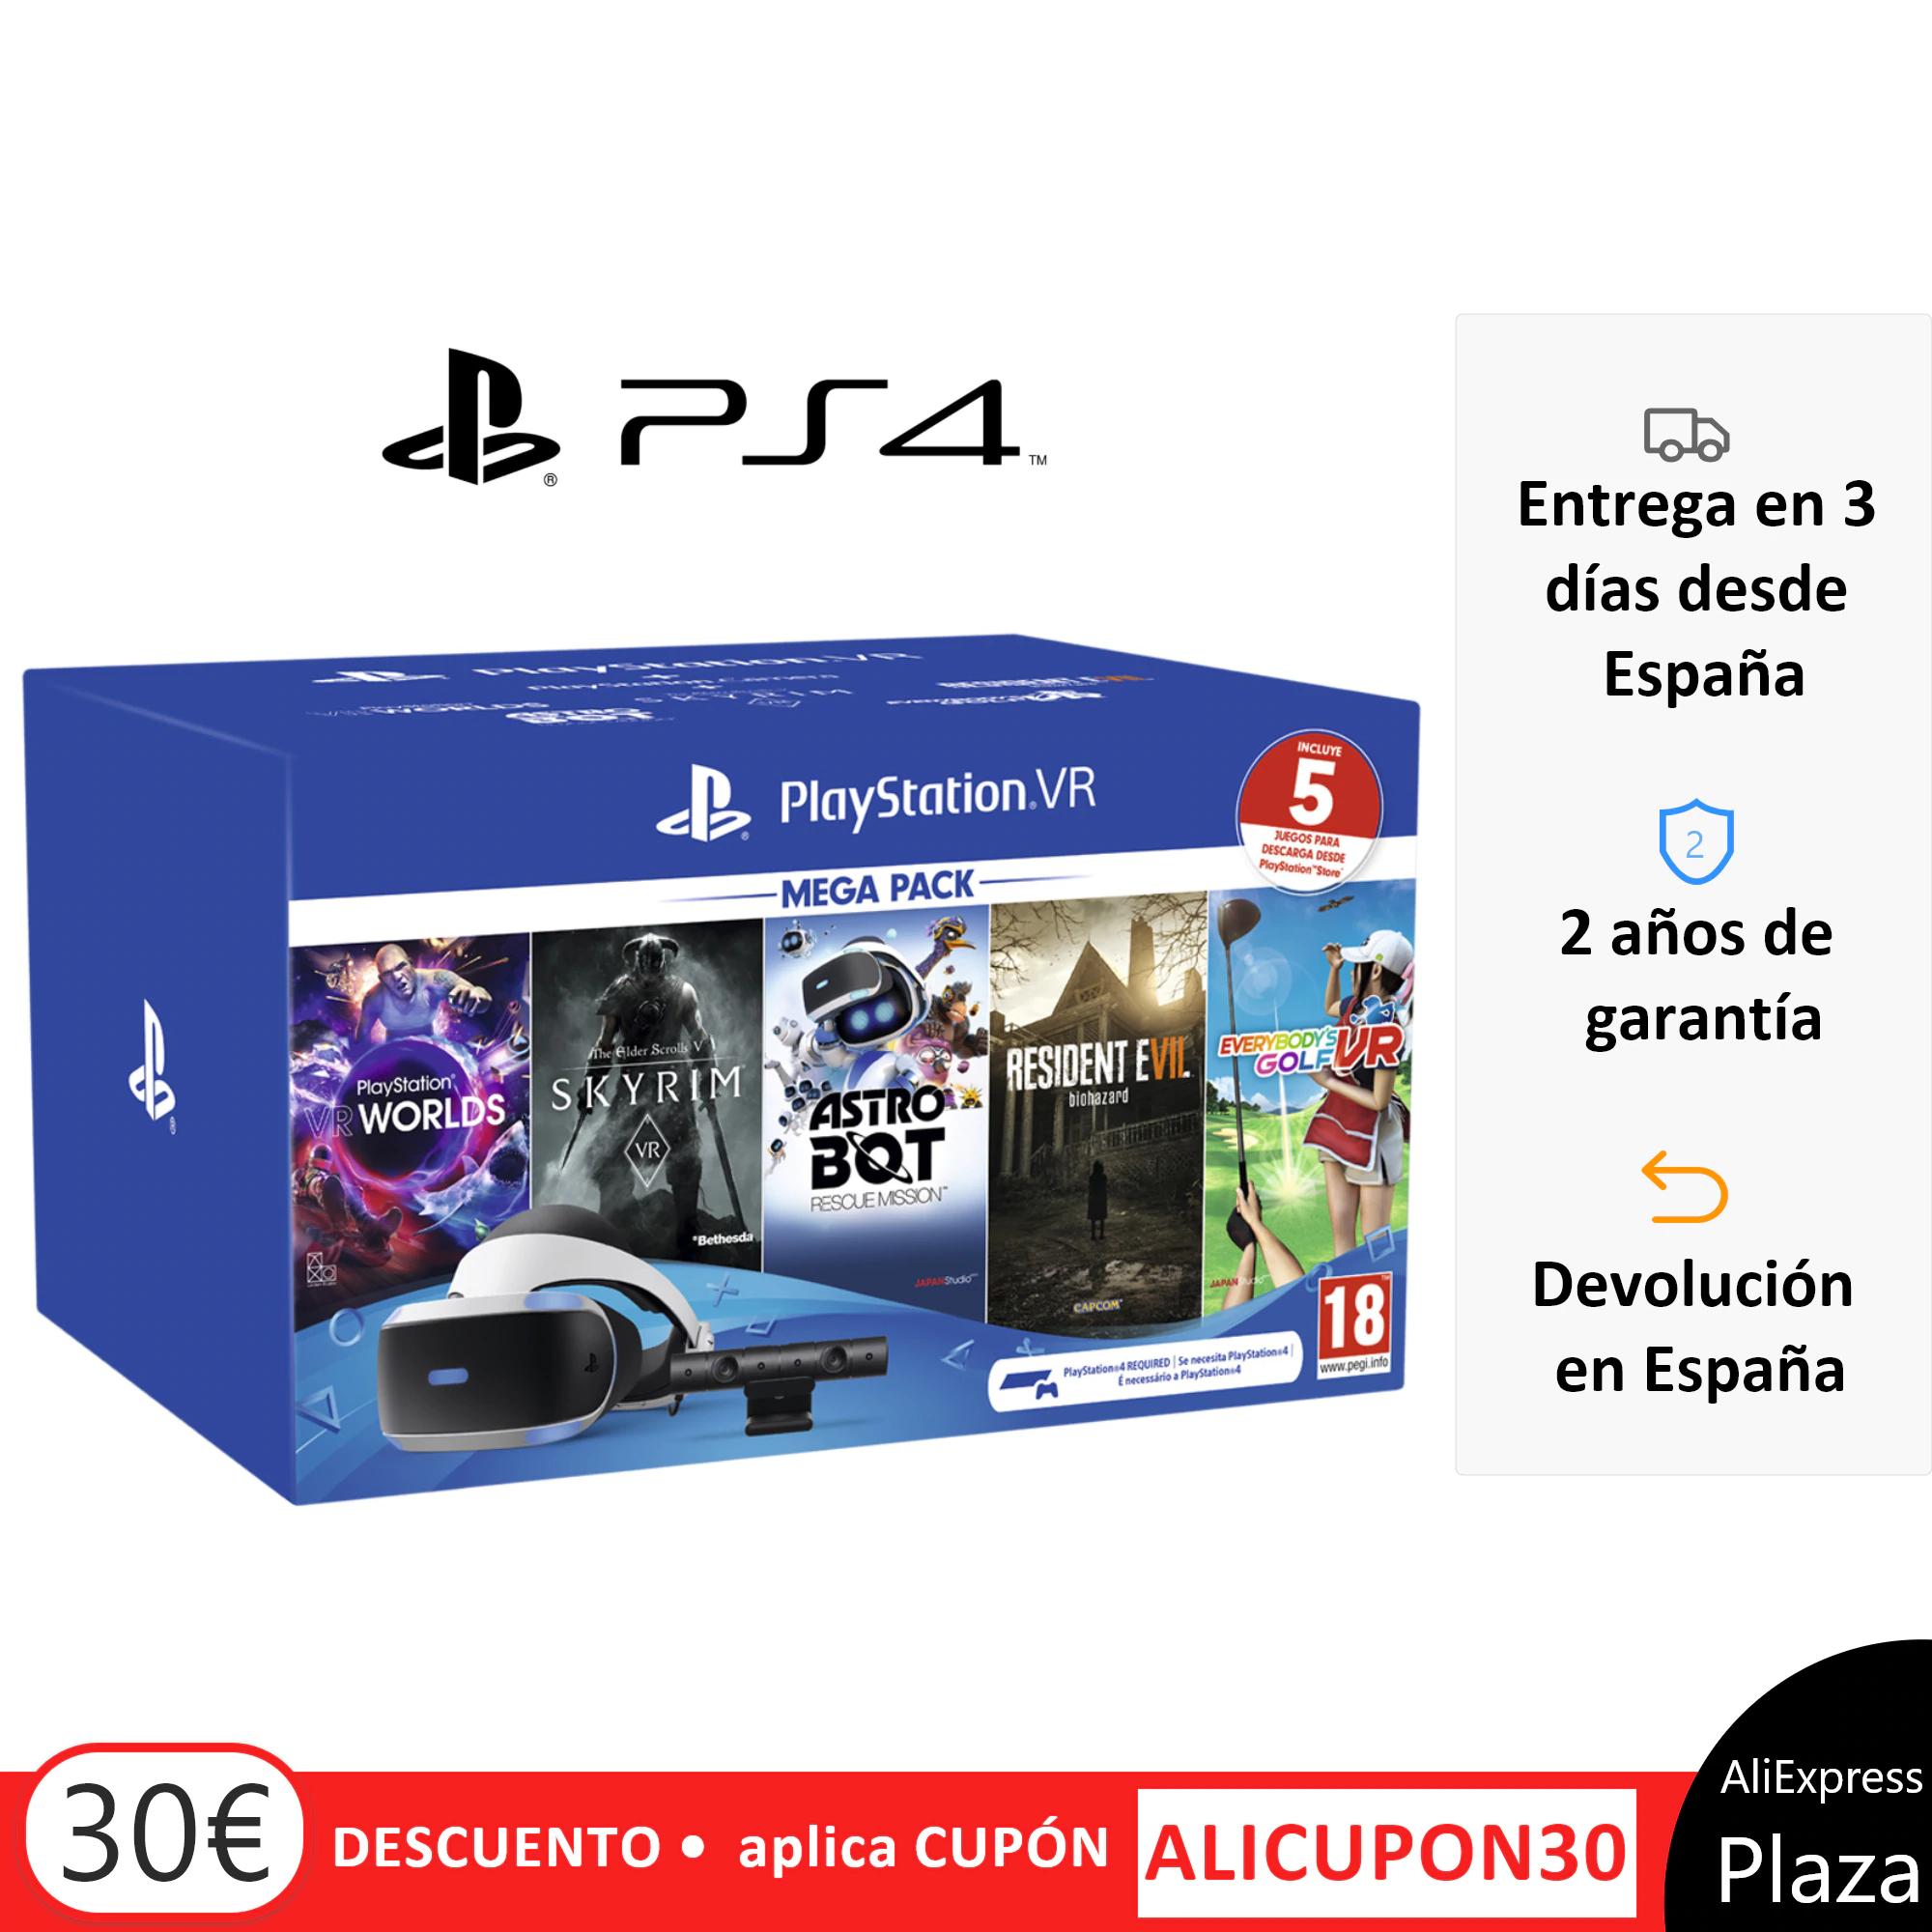 Playstation VR Megapack + 5 Juegos + Accesorios Consolas - DESDE ESPAÑA